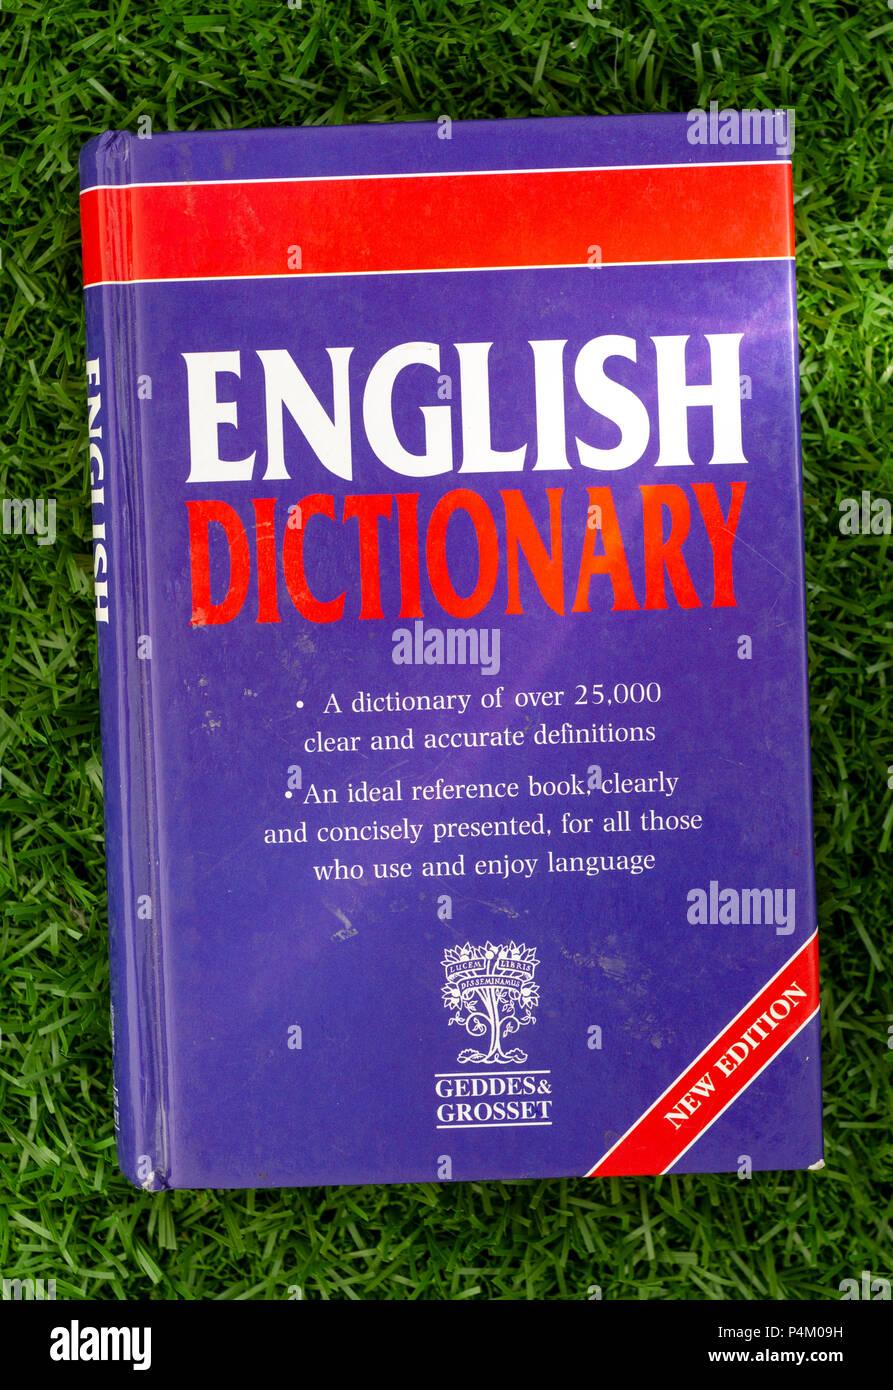 Diccionario inglés o diccionario es una colección de palabras y definiciones para un idioma específico, publicado por Geddes y Grosset Foto de stock